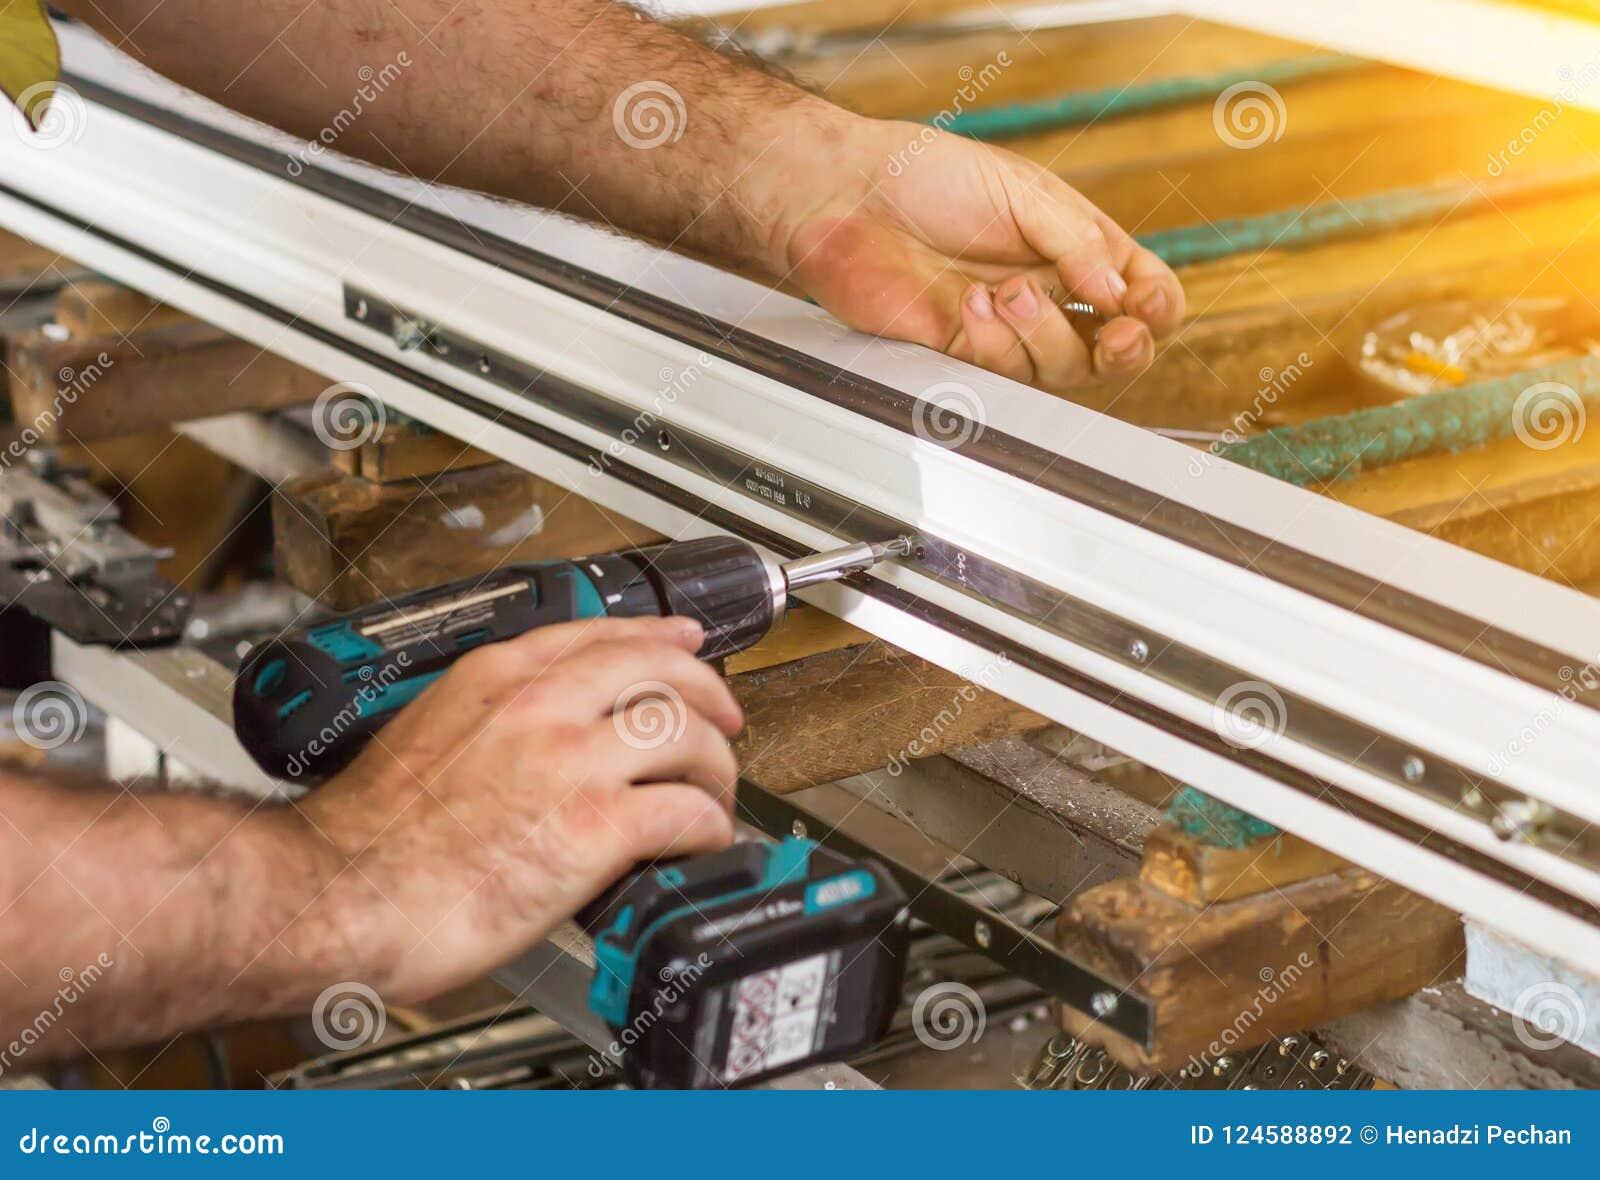 Produktion av pvc-fönster, en man skruvar en skruvmejsel in i ett pvc-fönster, närbilden, fönsterpvc